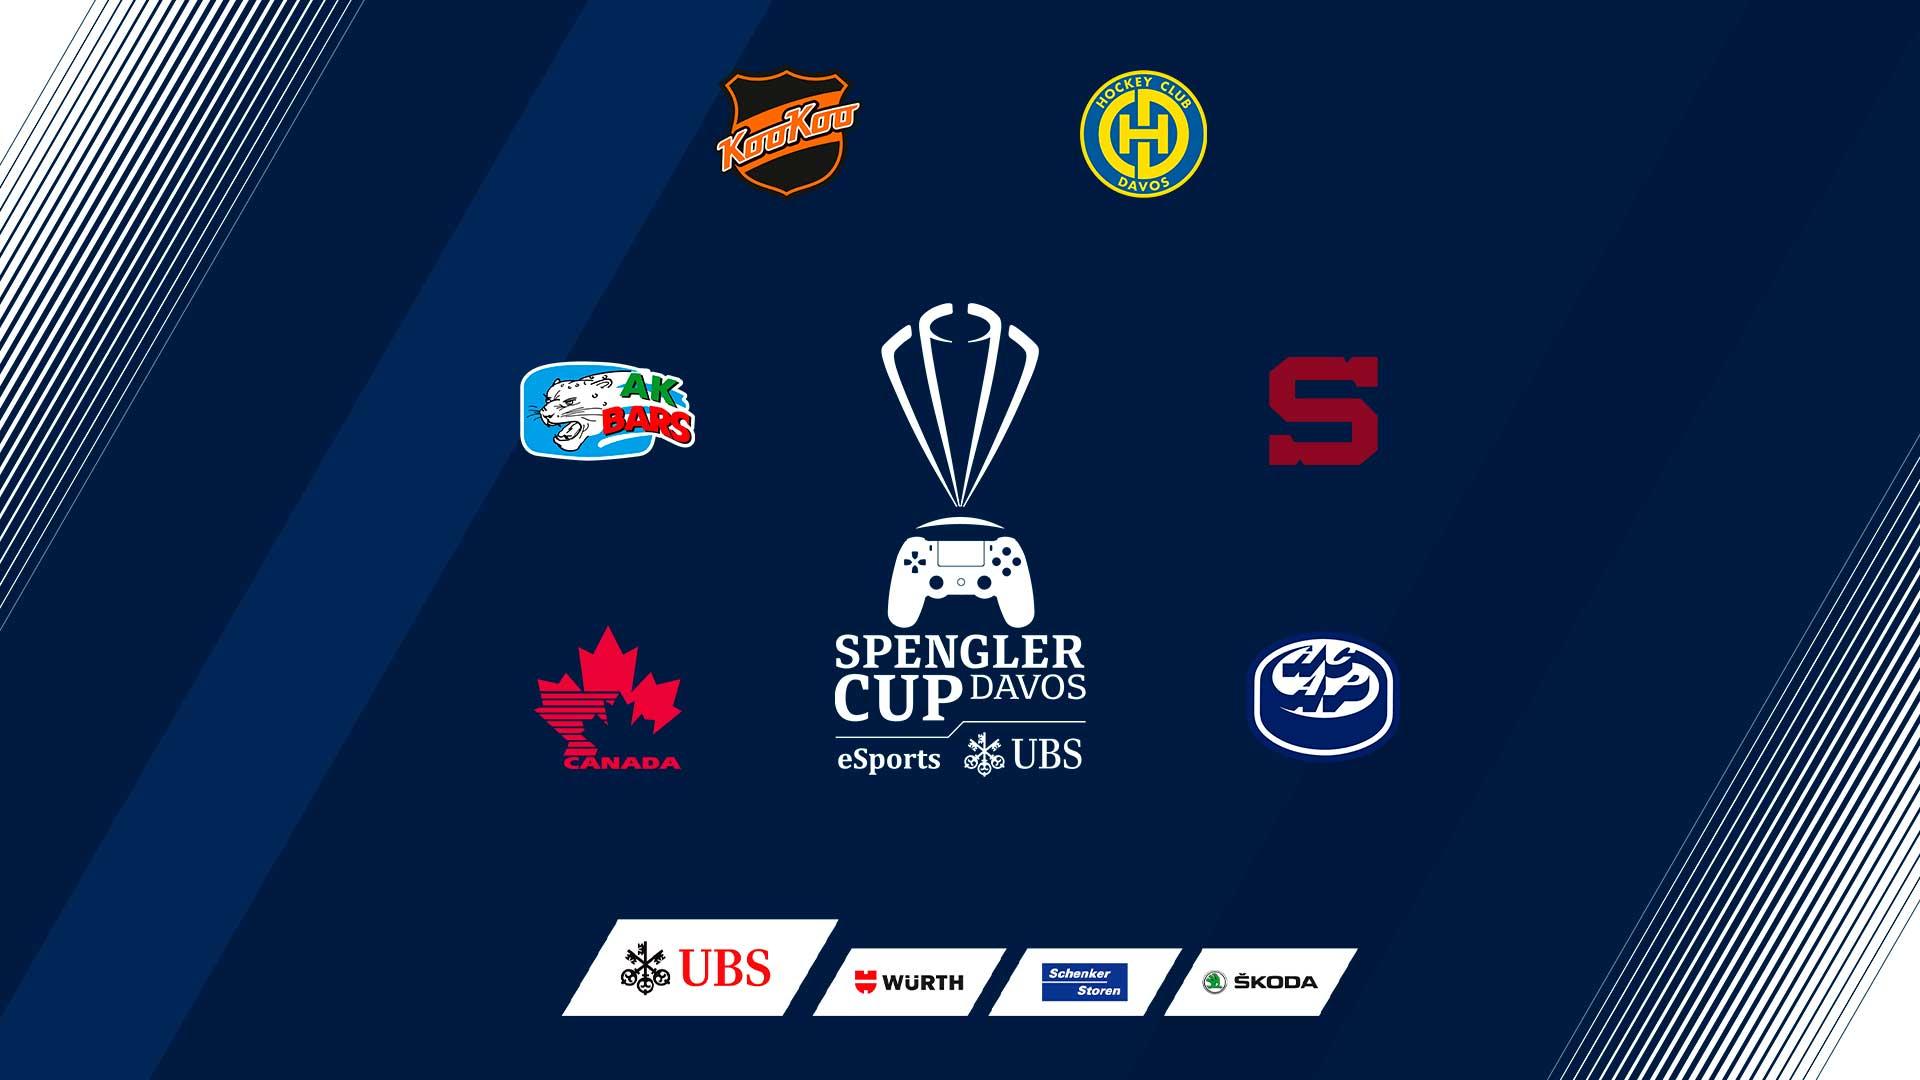 eSpengler Cup Announcement 1 babt